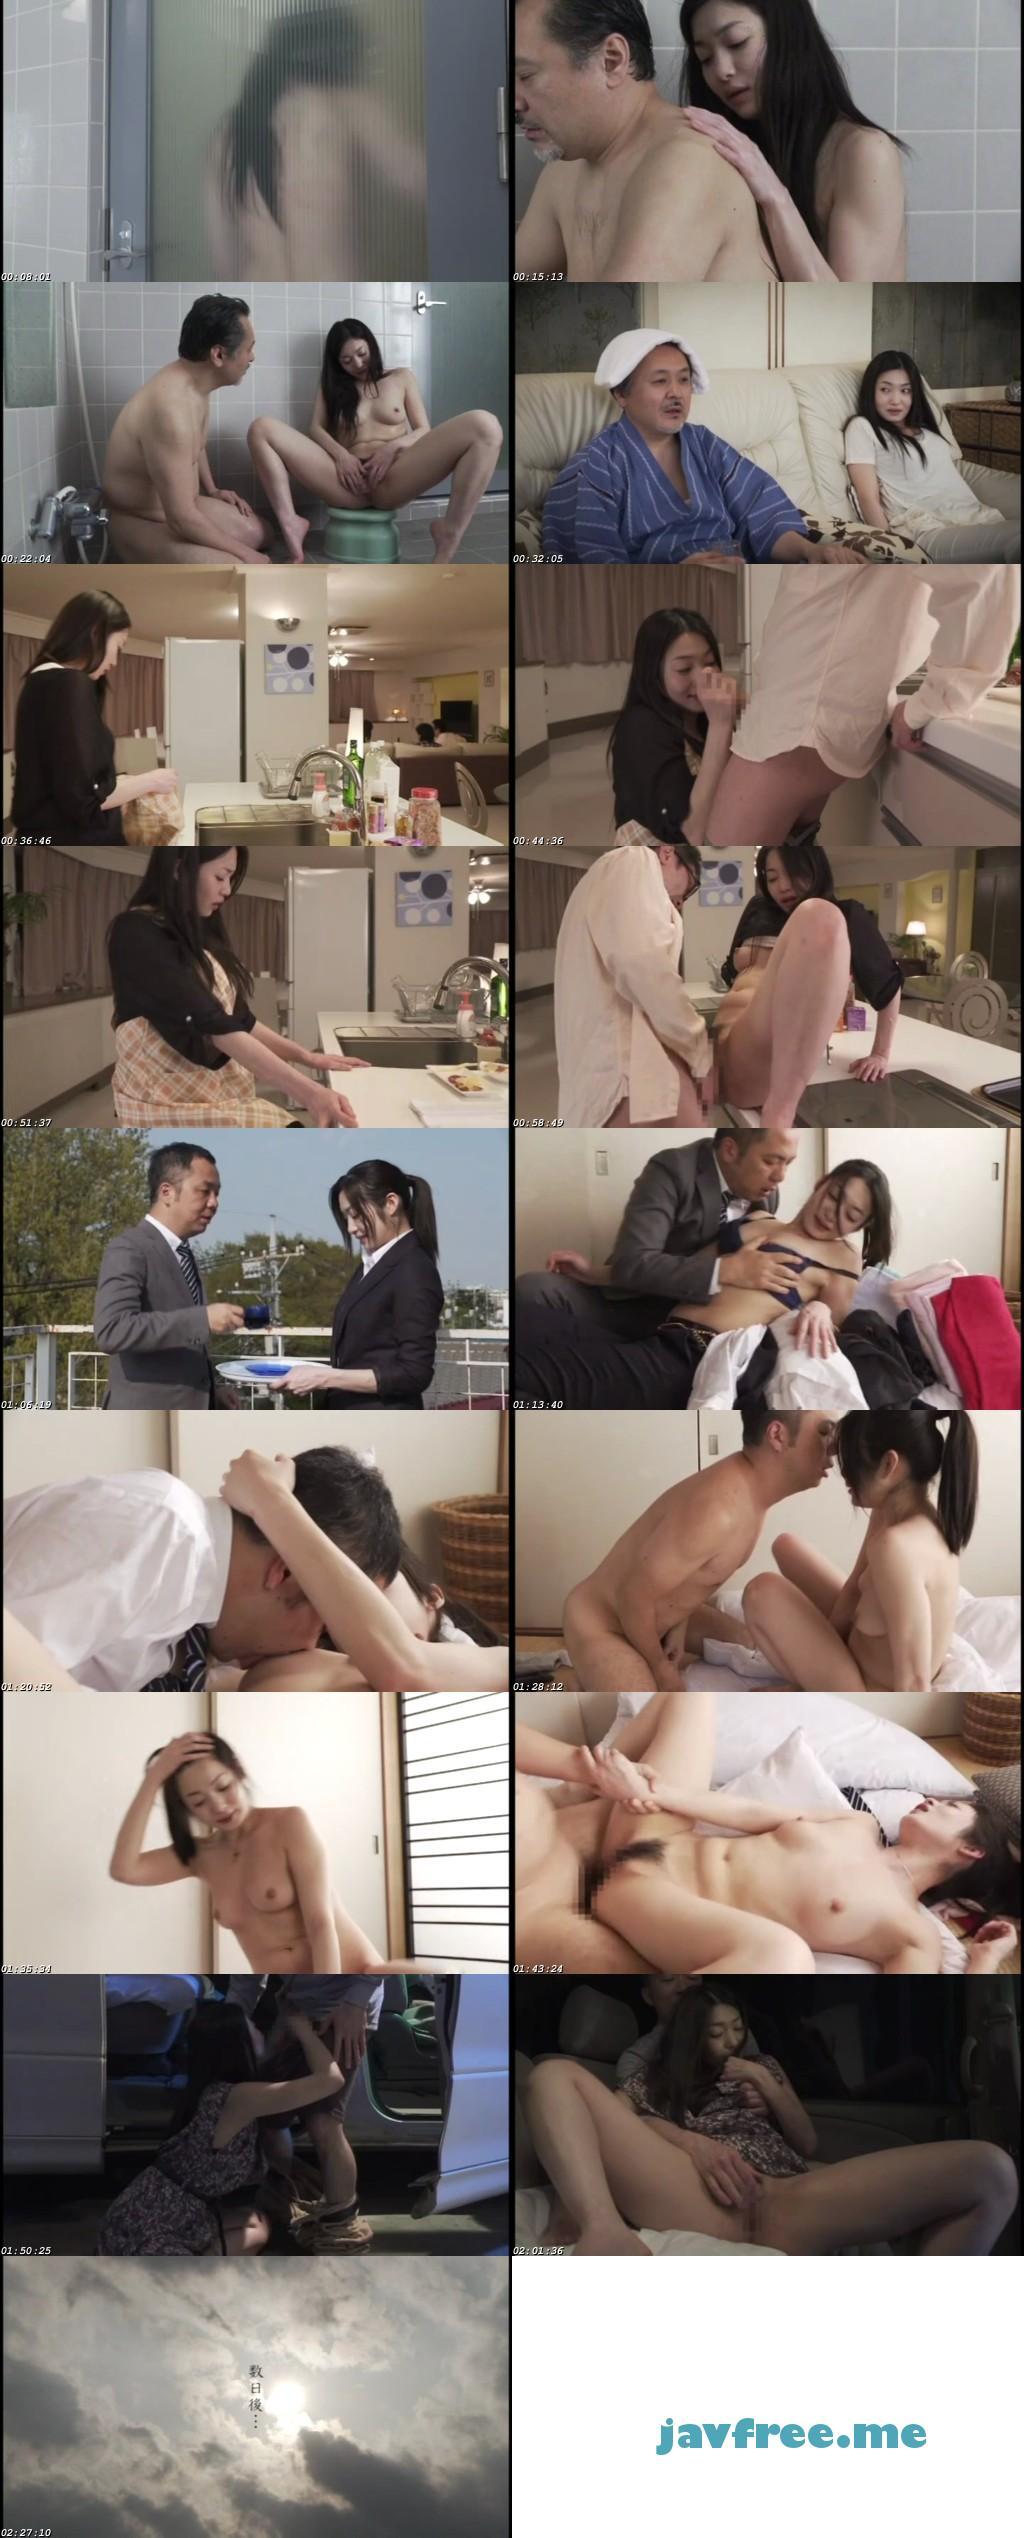 [STAR 366] 酔うと他人の夫(サオ)を入れたくなる妻のお下品な潮 ~甘えんぼうゴックン~ 芸能人RYU STAR RYU